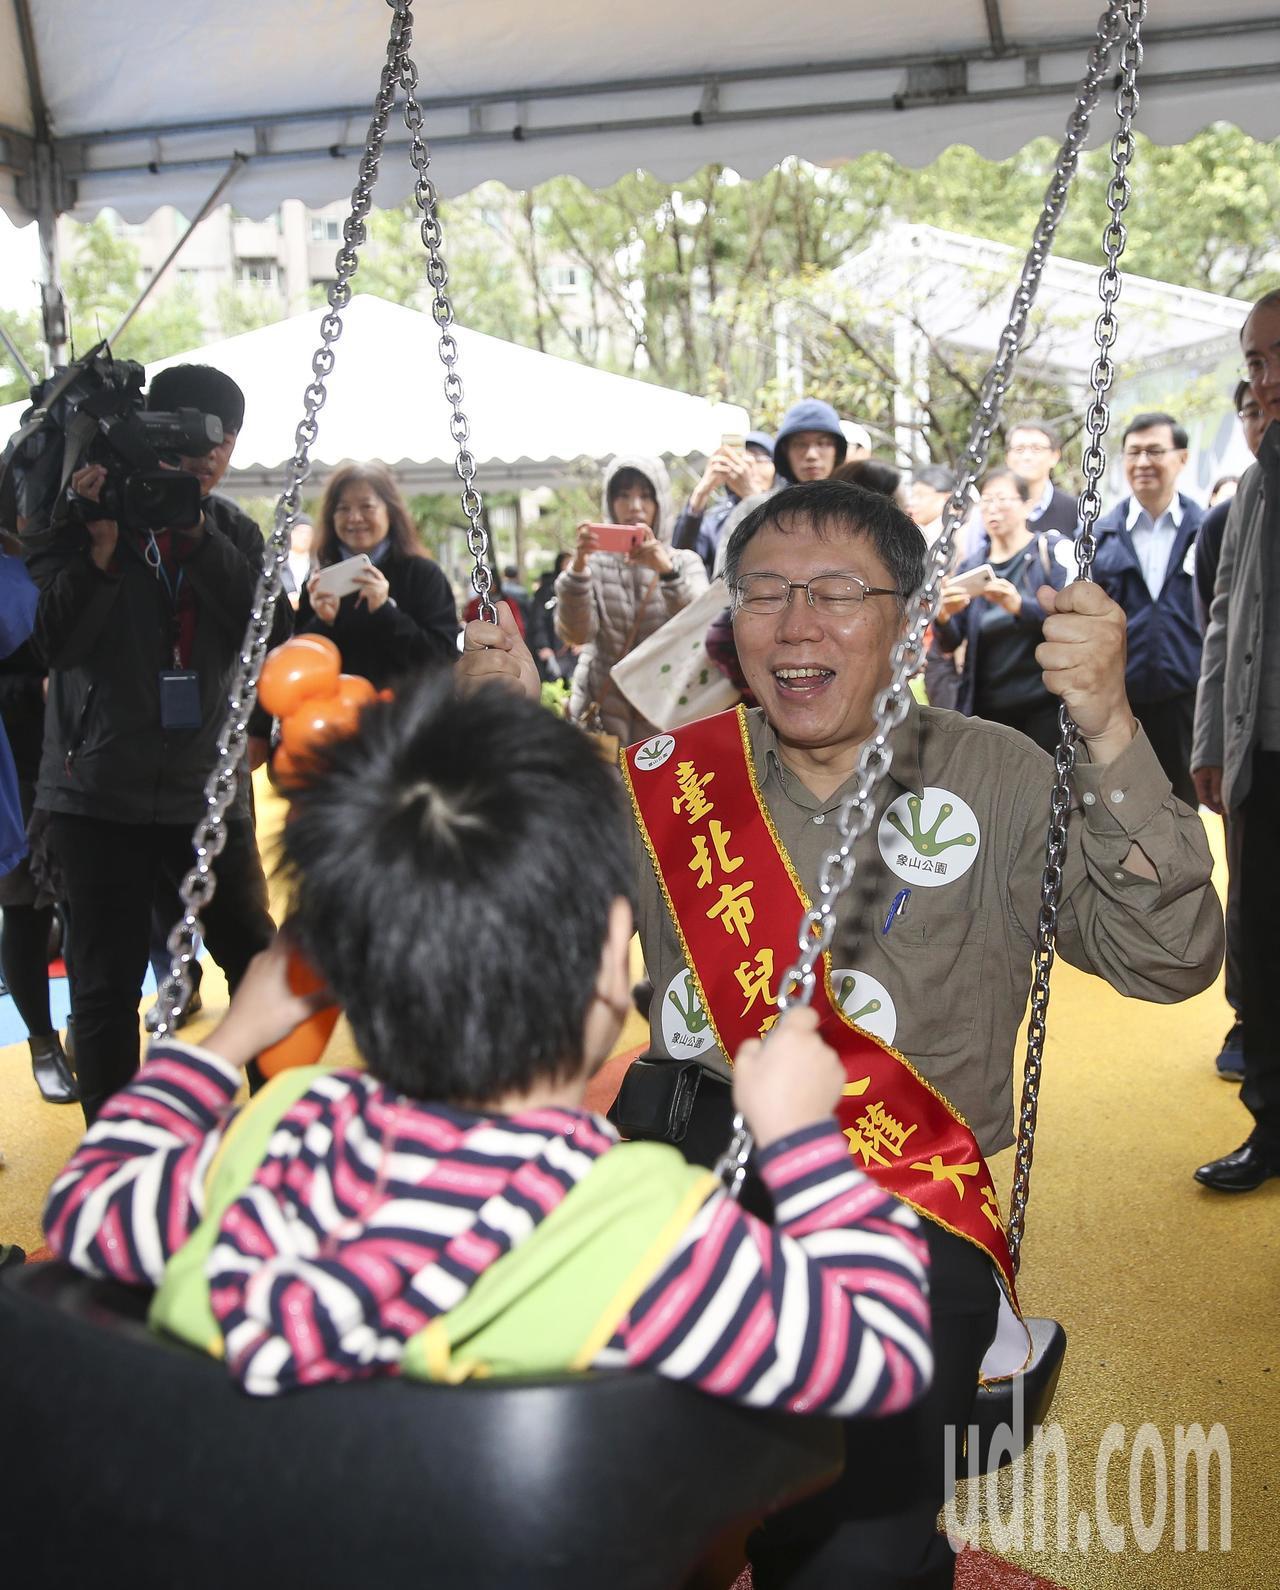 台北市長柯文哲(右)與小朋友一起體驗象山公園新設施。記者楊萬雲/攝影